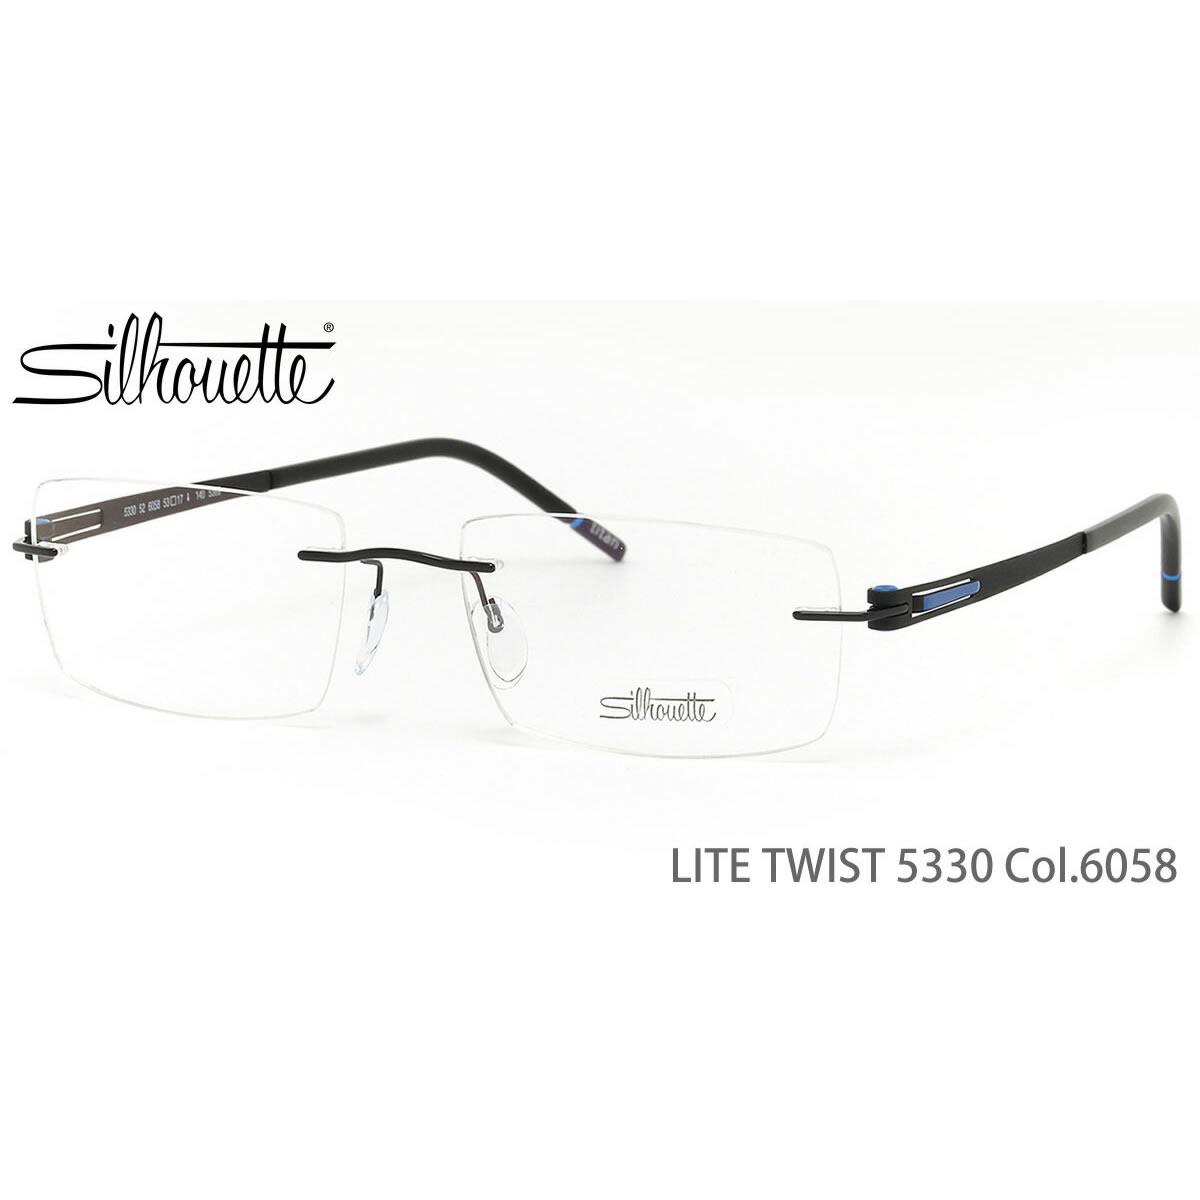 轮廓眼镜灯扭摆5330 52 6058 53尺寸Silhouette LITE TWIST UV cut式样没镜片的眼镜透镜免费人分歧D